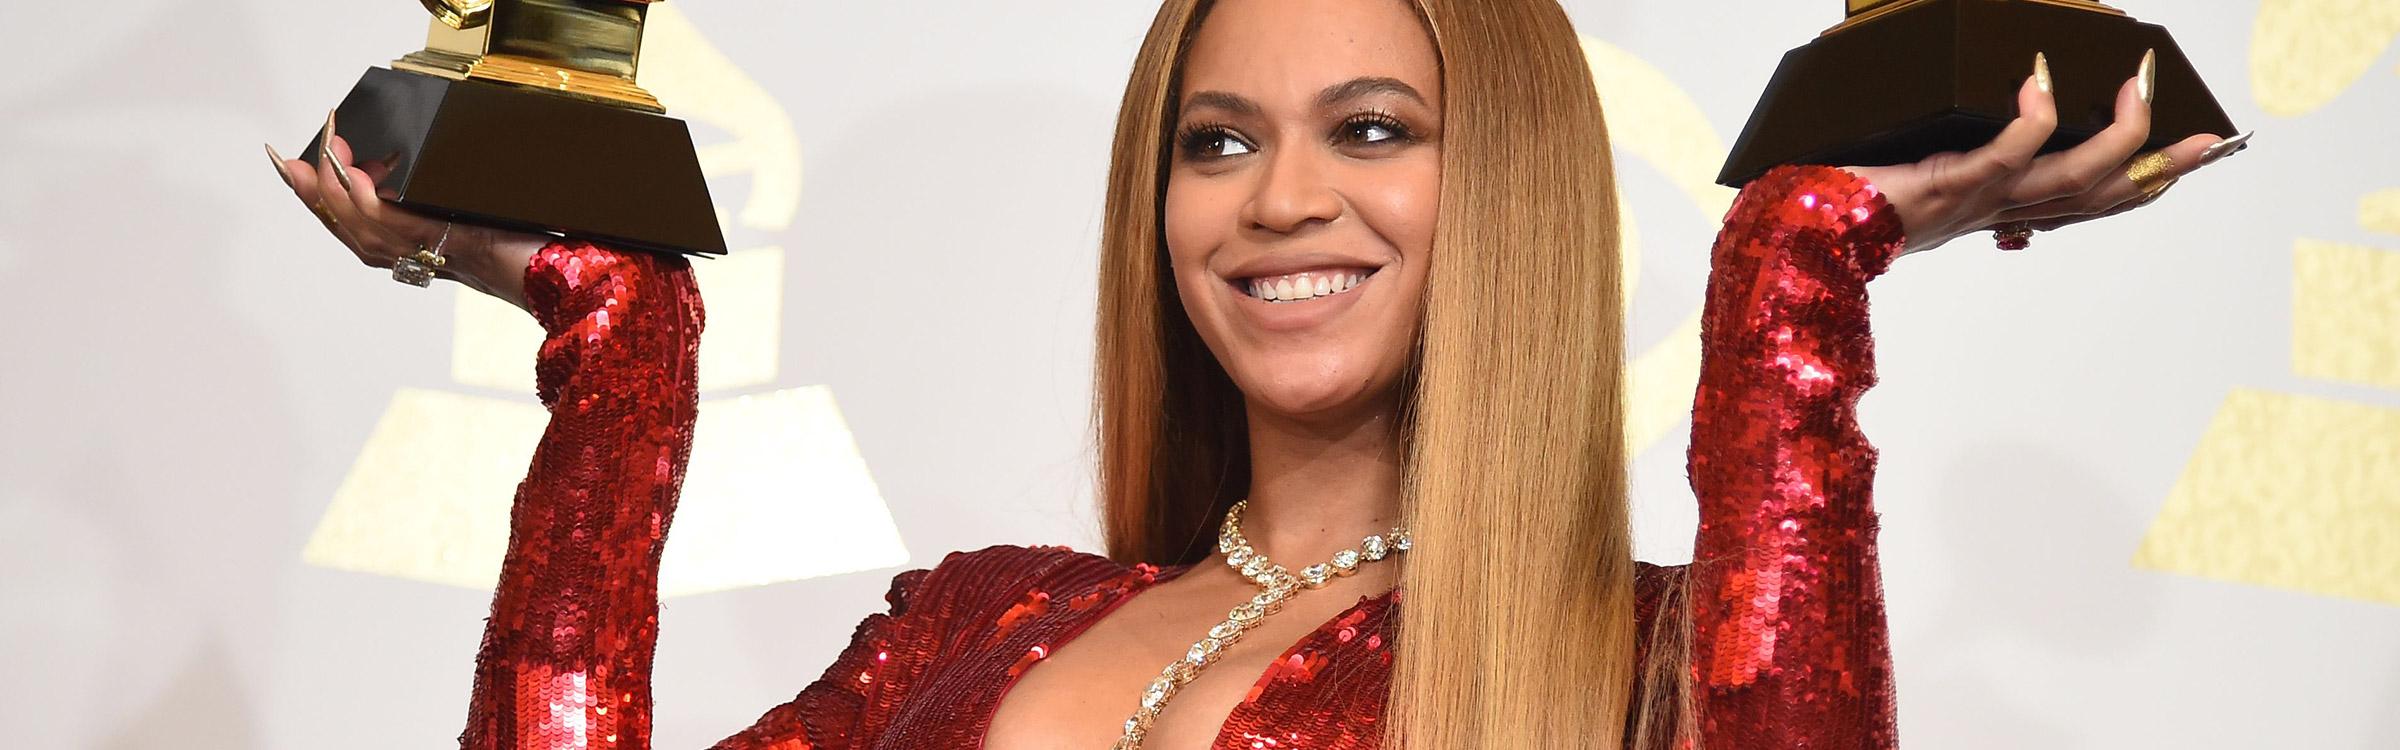 Beyoncee header